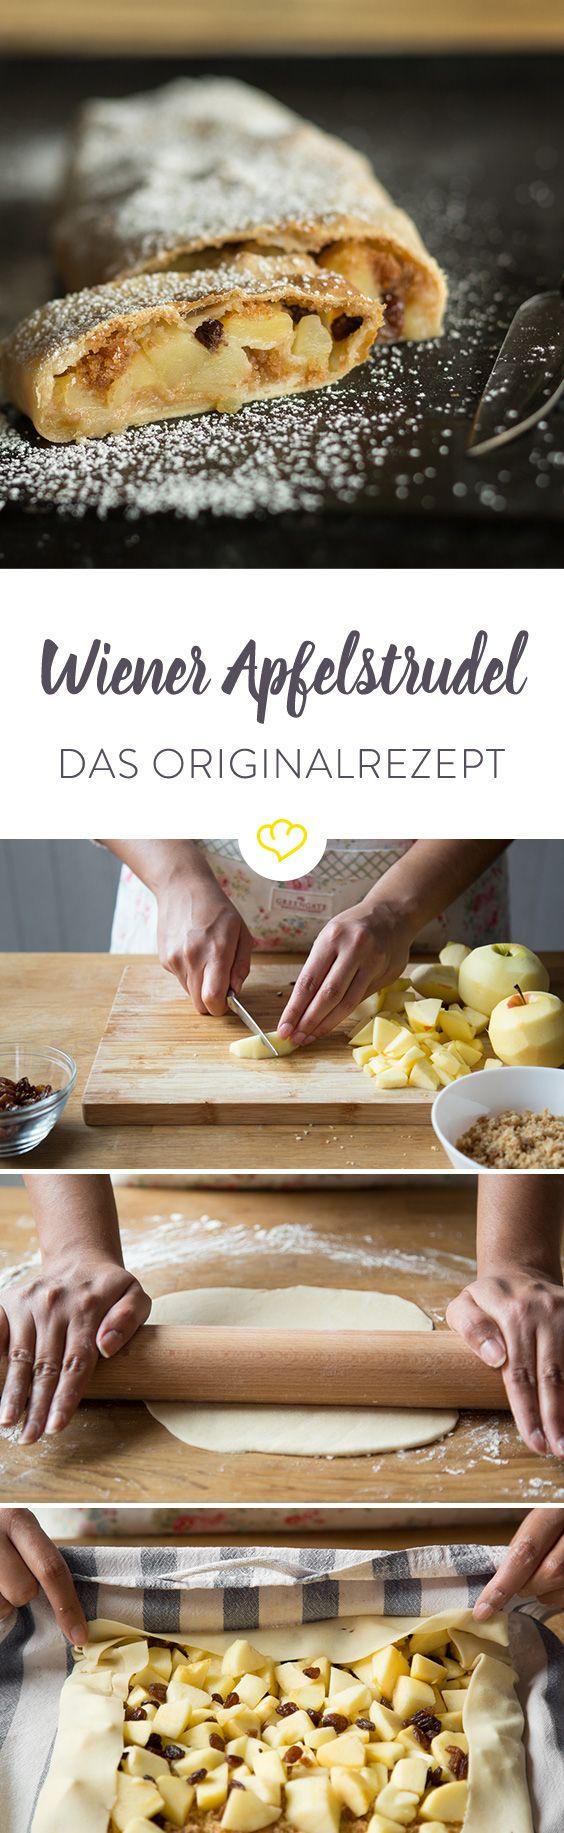 Wiener Apfelstrudel - das Original natürlich selbstgemacht